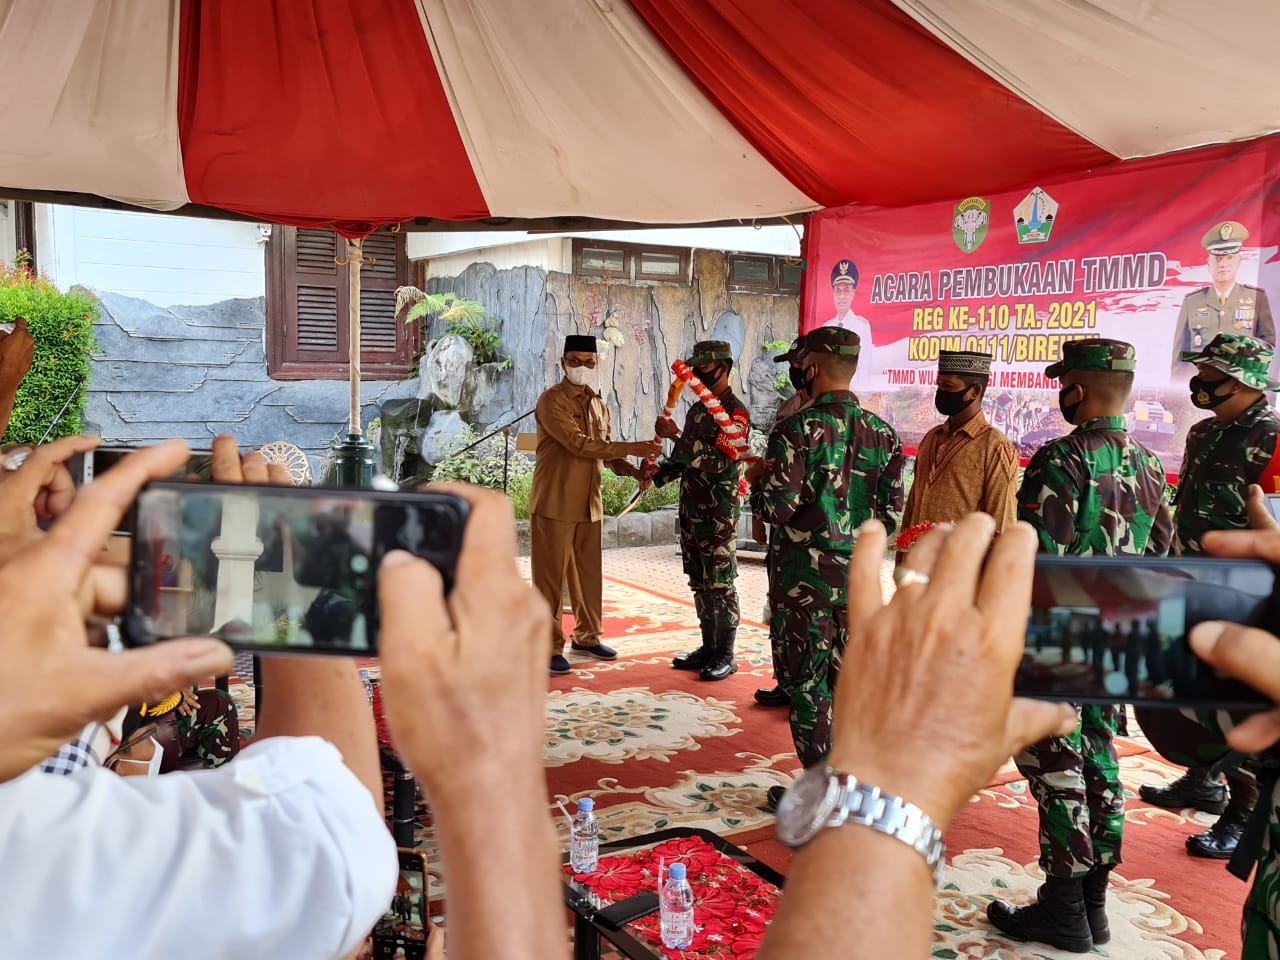 Tentara Manunggal Membangun Desa ke-110 Kodim Bireuen Resmi Dibuka